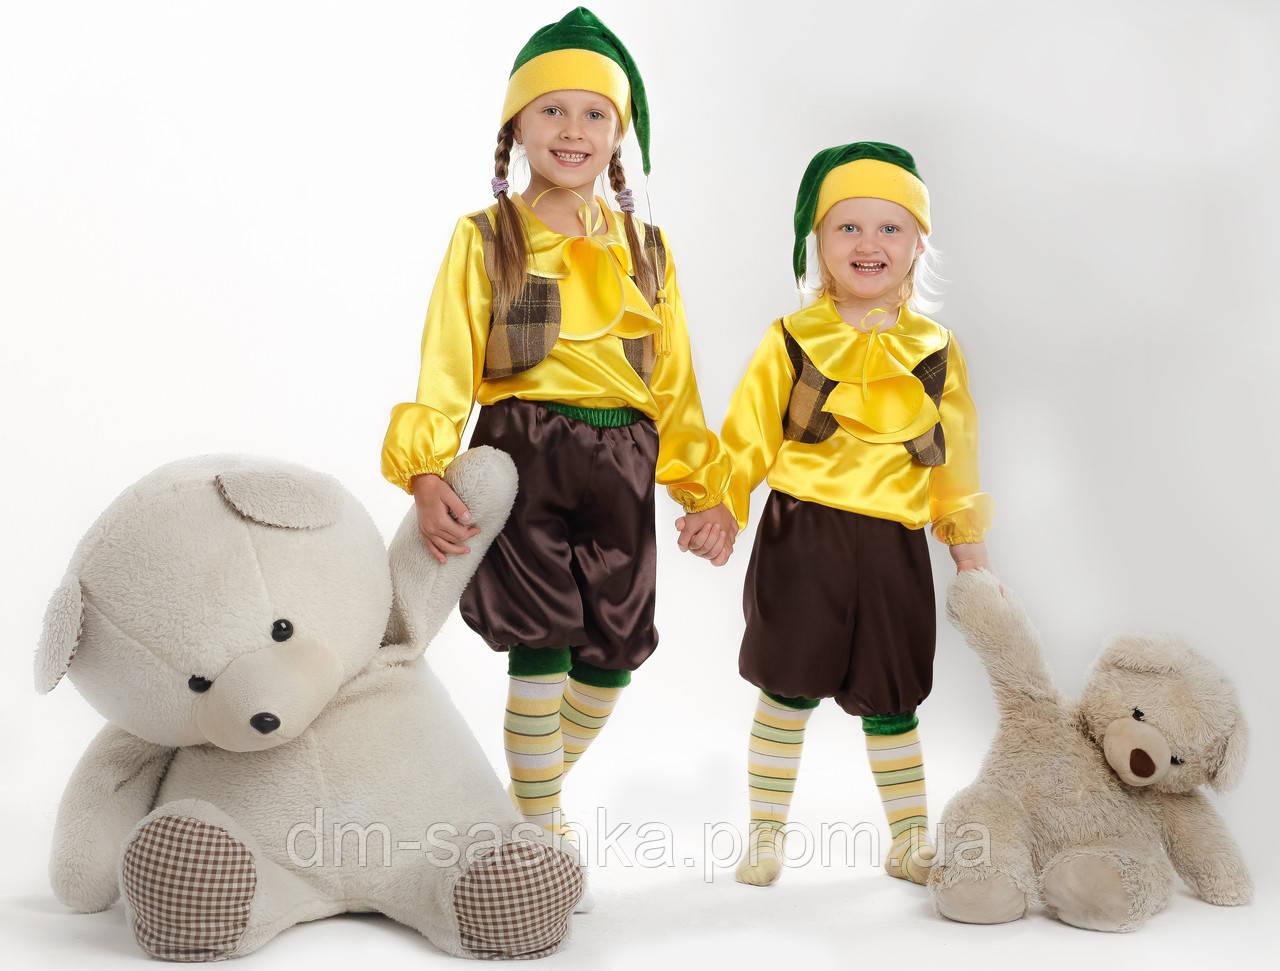 Детский карнавальный костюм «ГНОМ», цена 449 грн., купить ... - photo#20